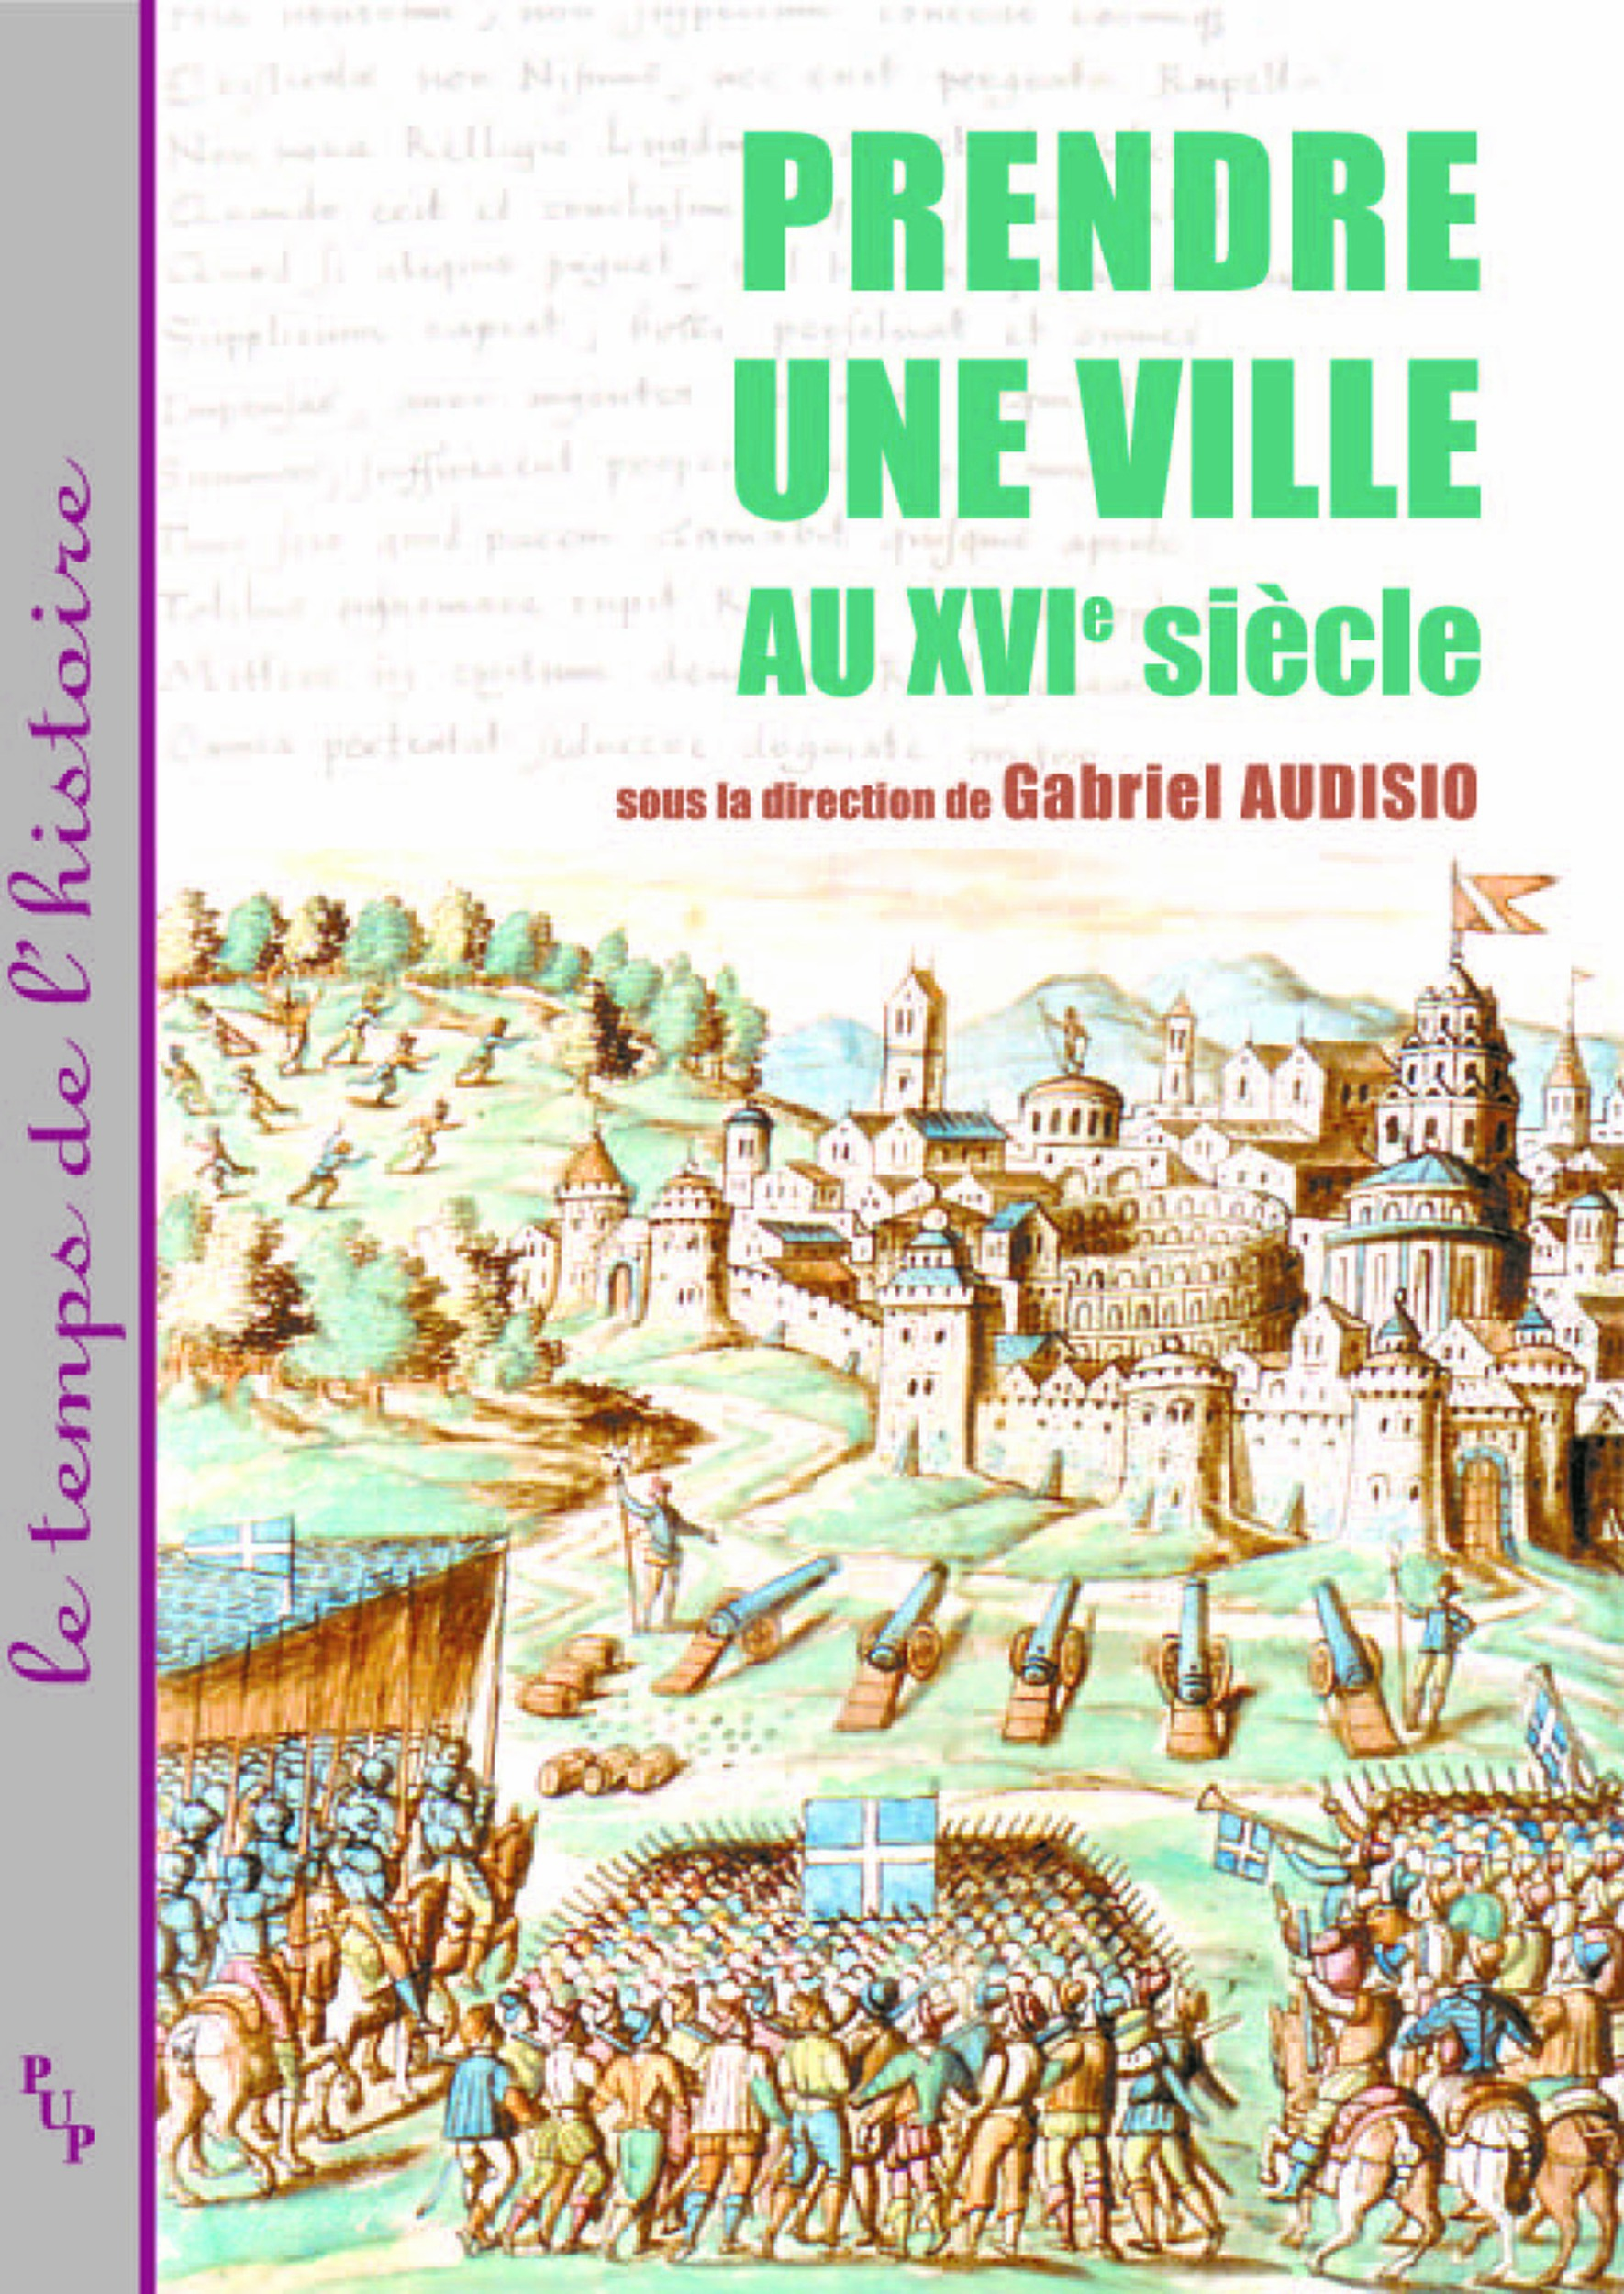 Prendre une ville au XVI siècle